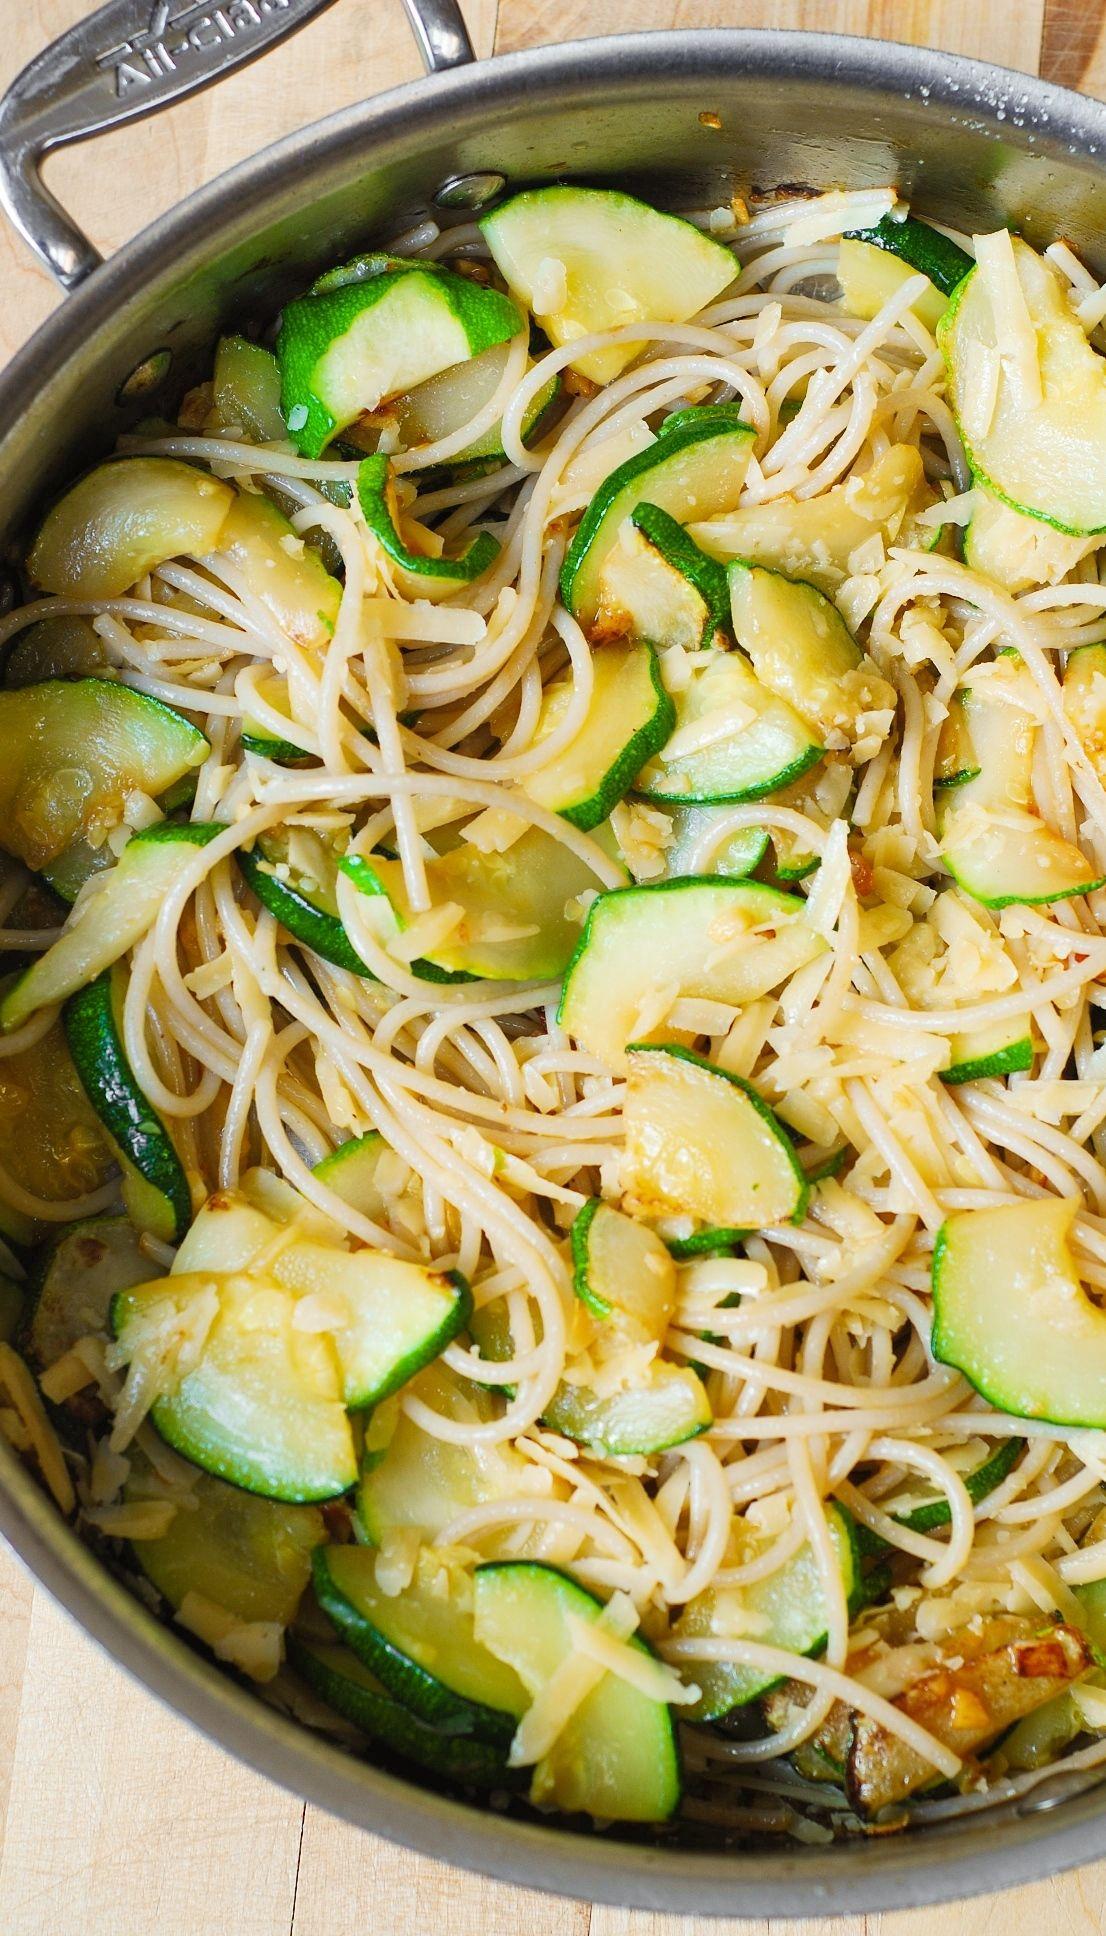 Parmesan Zucchini Garlic Pasta Spaghetti Delicious